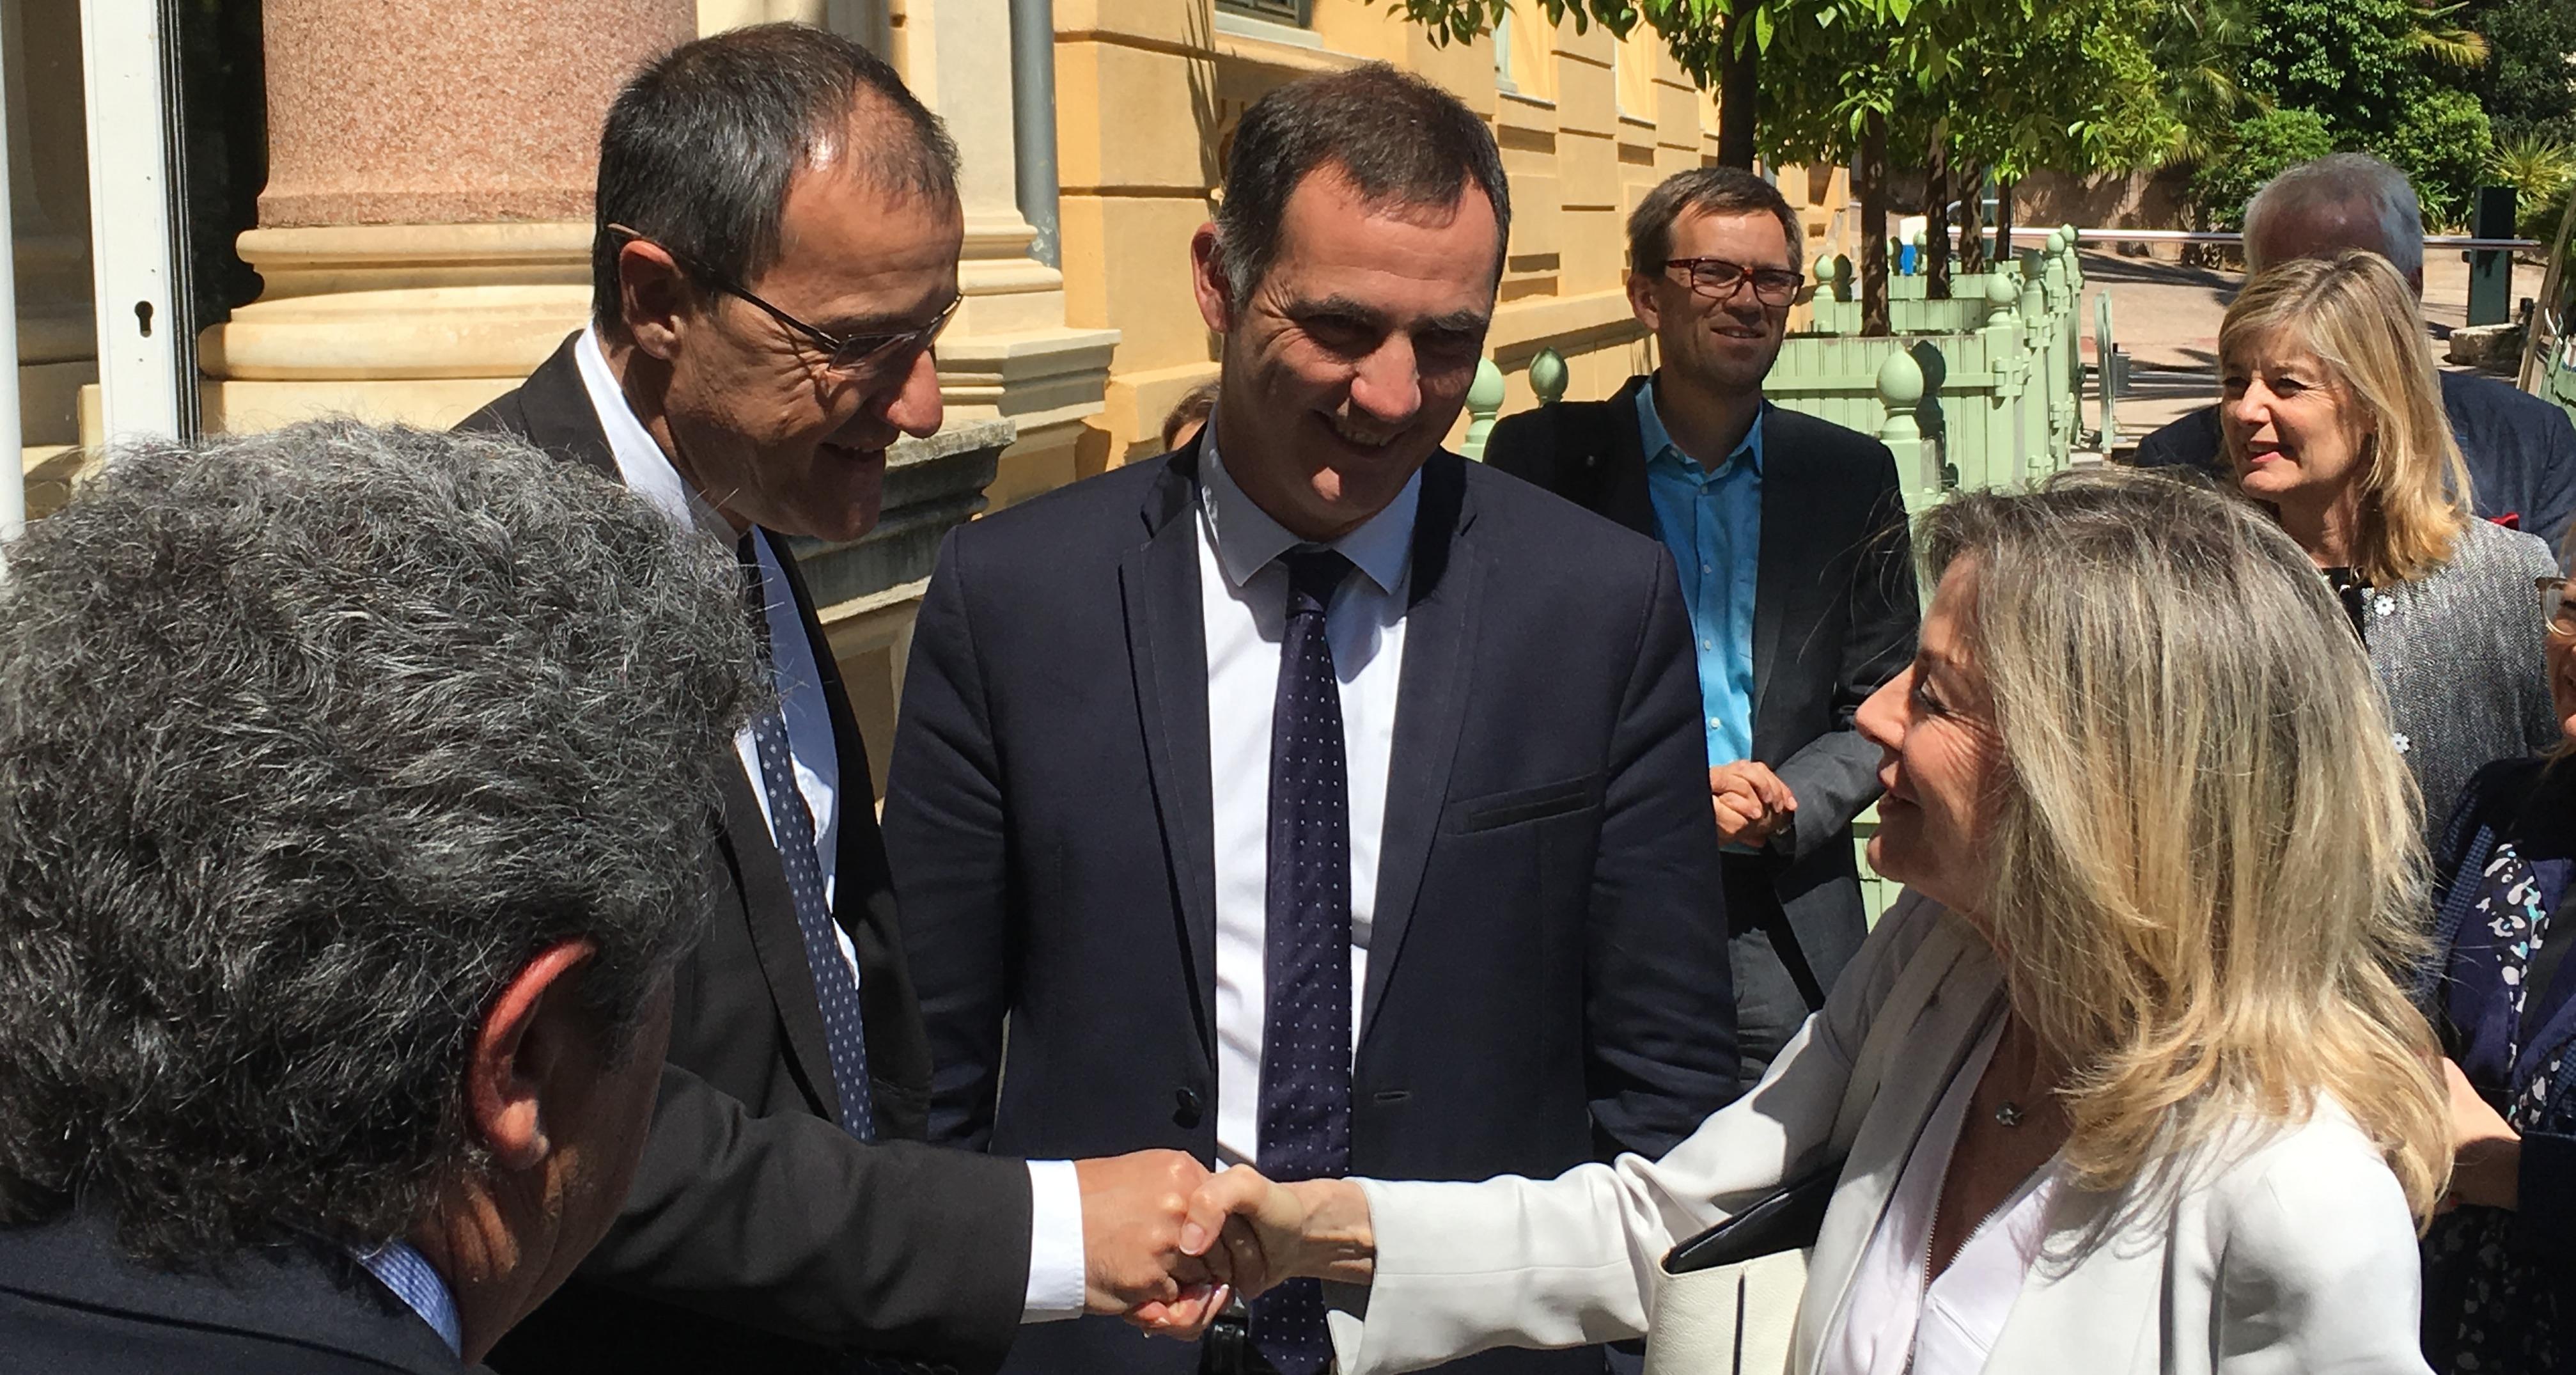 La Corse reçoit la Suède pour discuter écologie et environnement